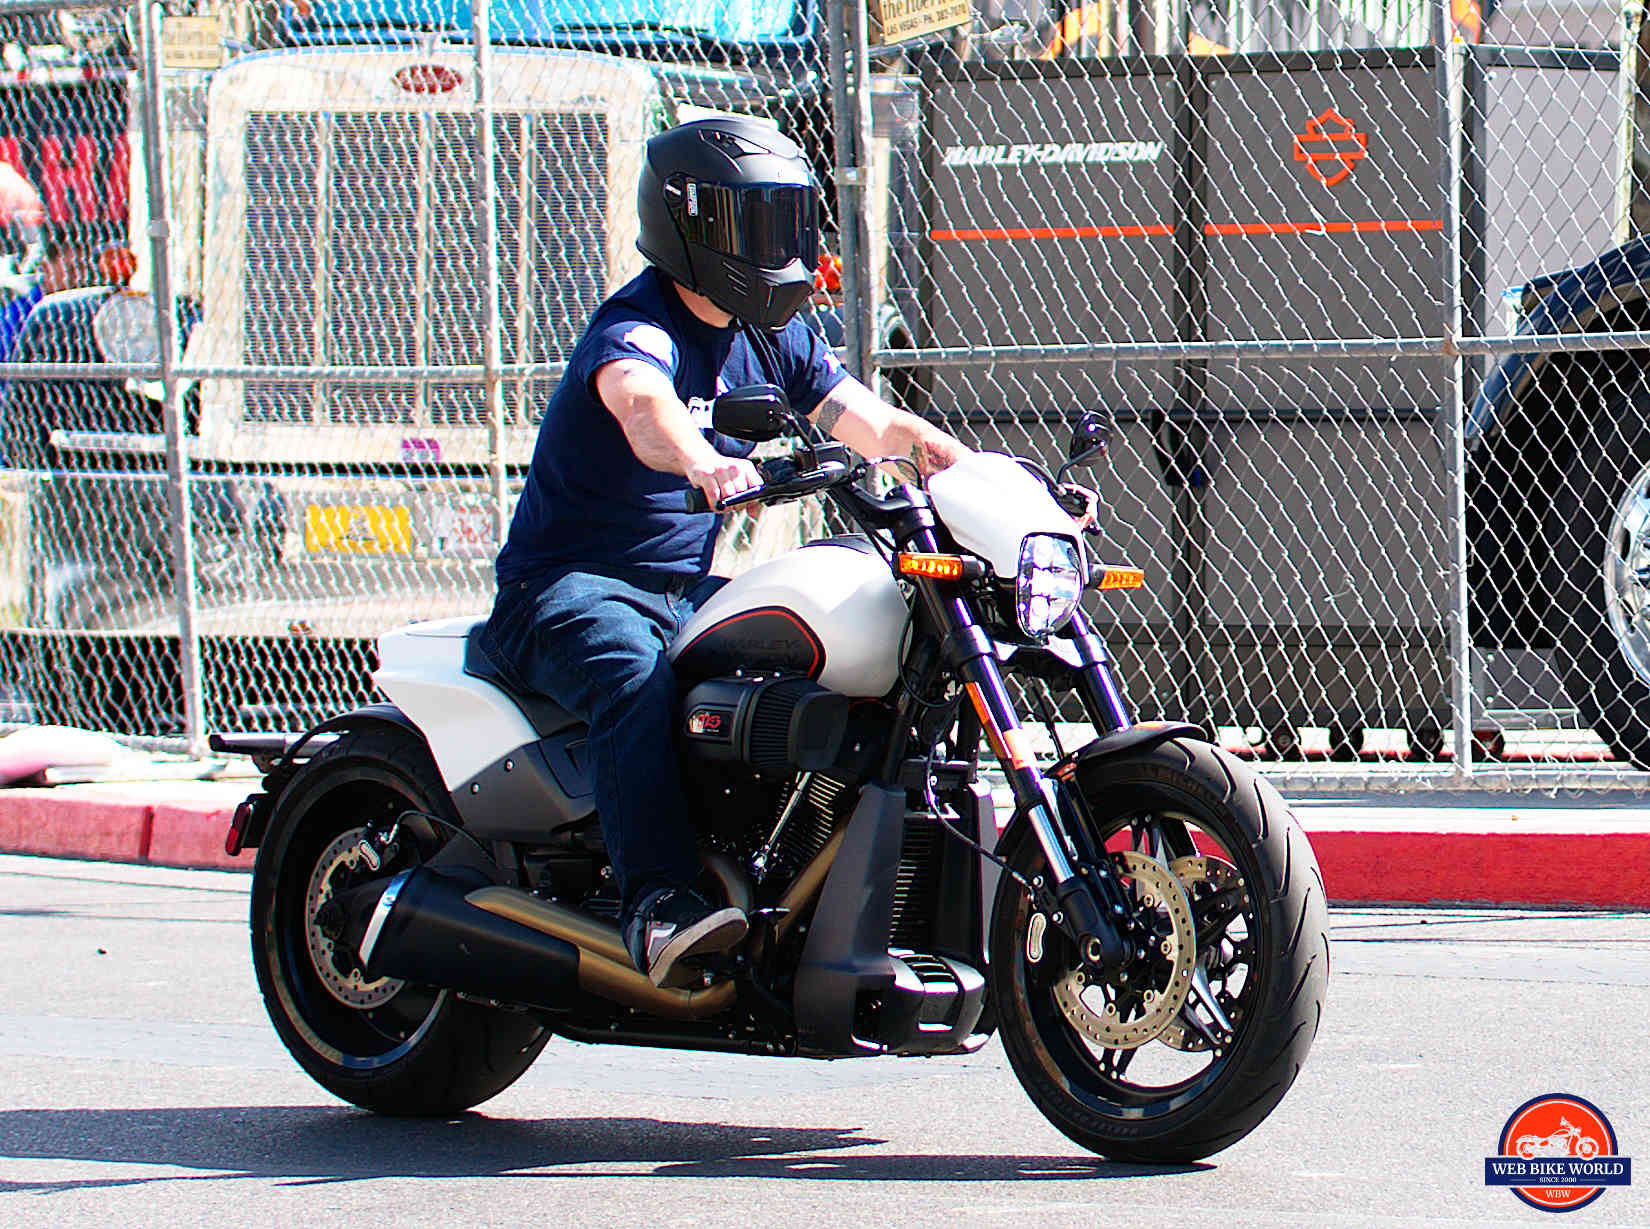 2019 harley davidson fxdr test ride - Sigle harley davidson ...